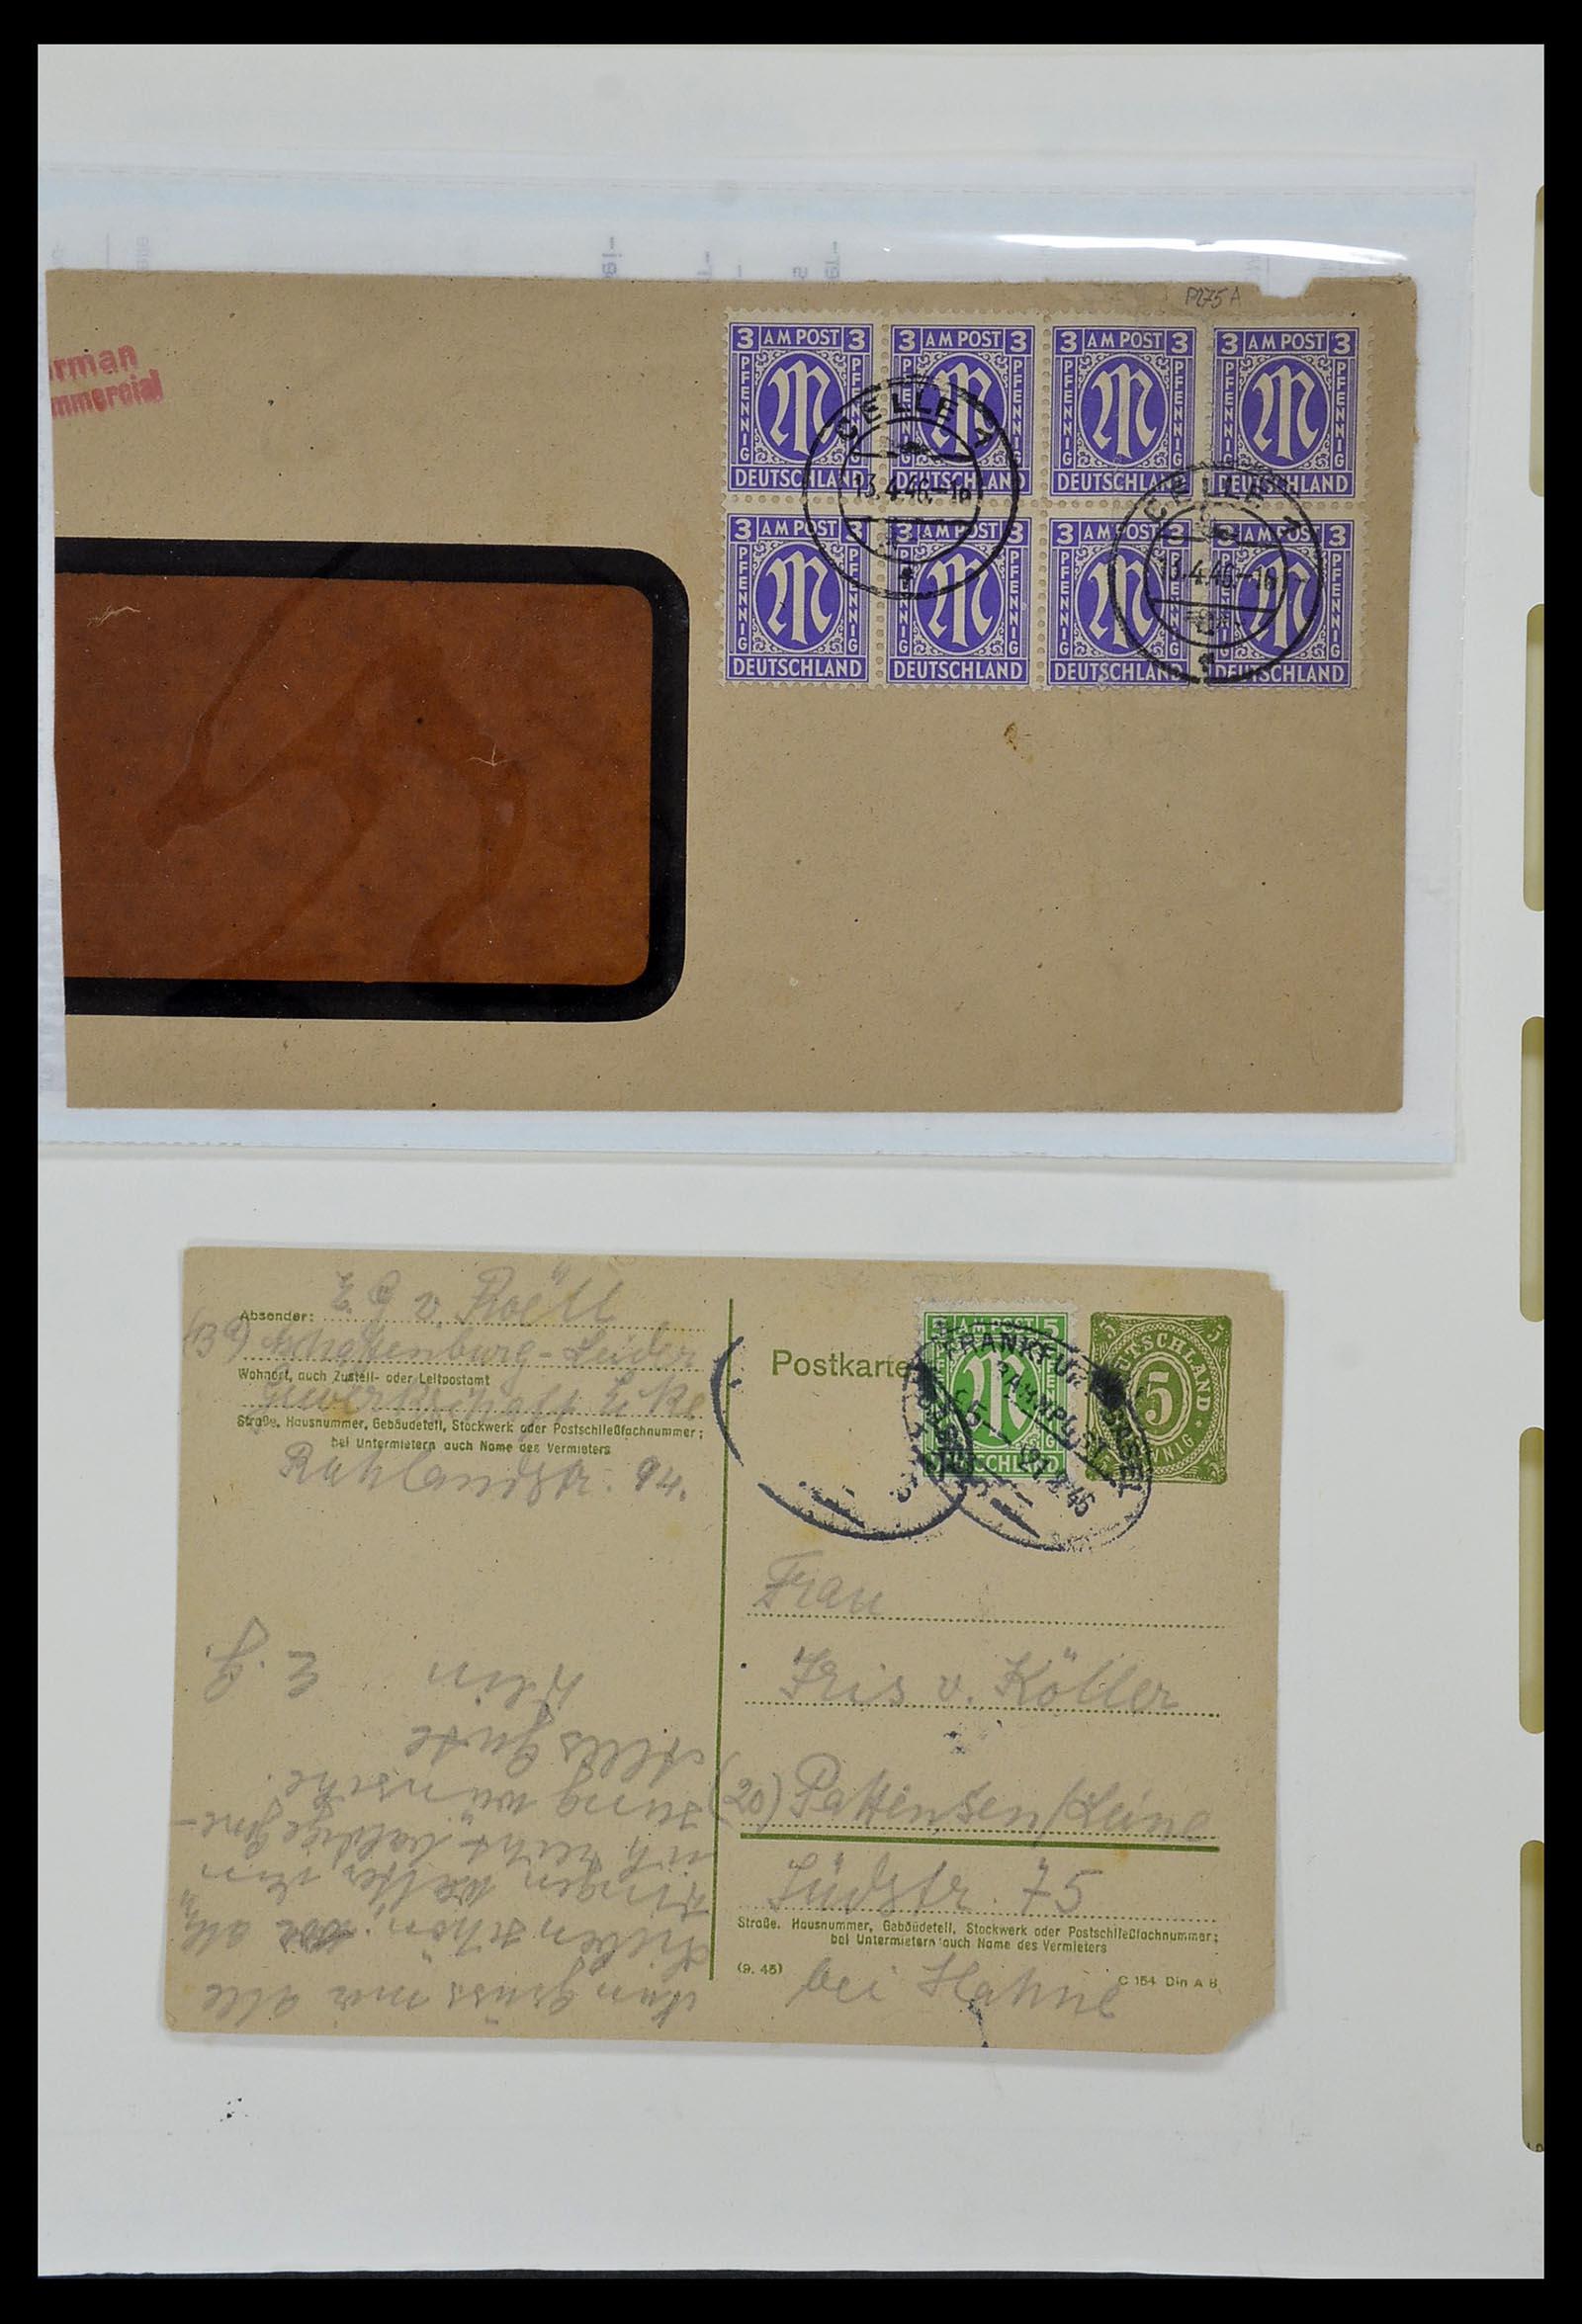 34152 017 - Postzegelverzameling 34152 Duitse Zones 1945-1949.